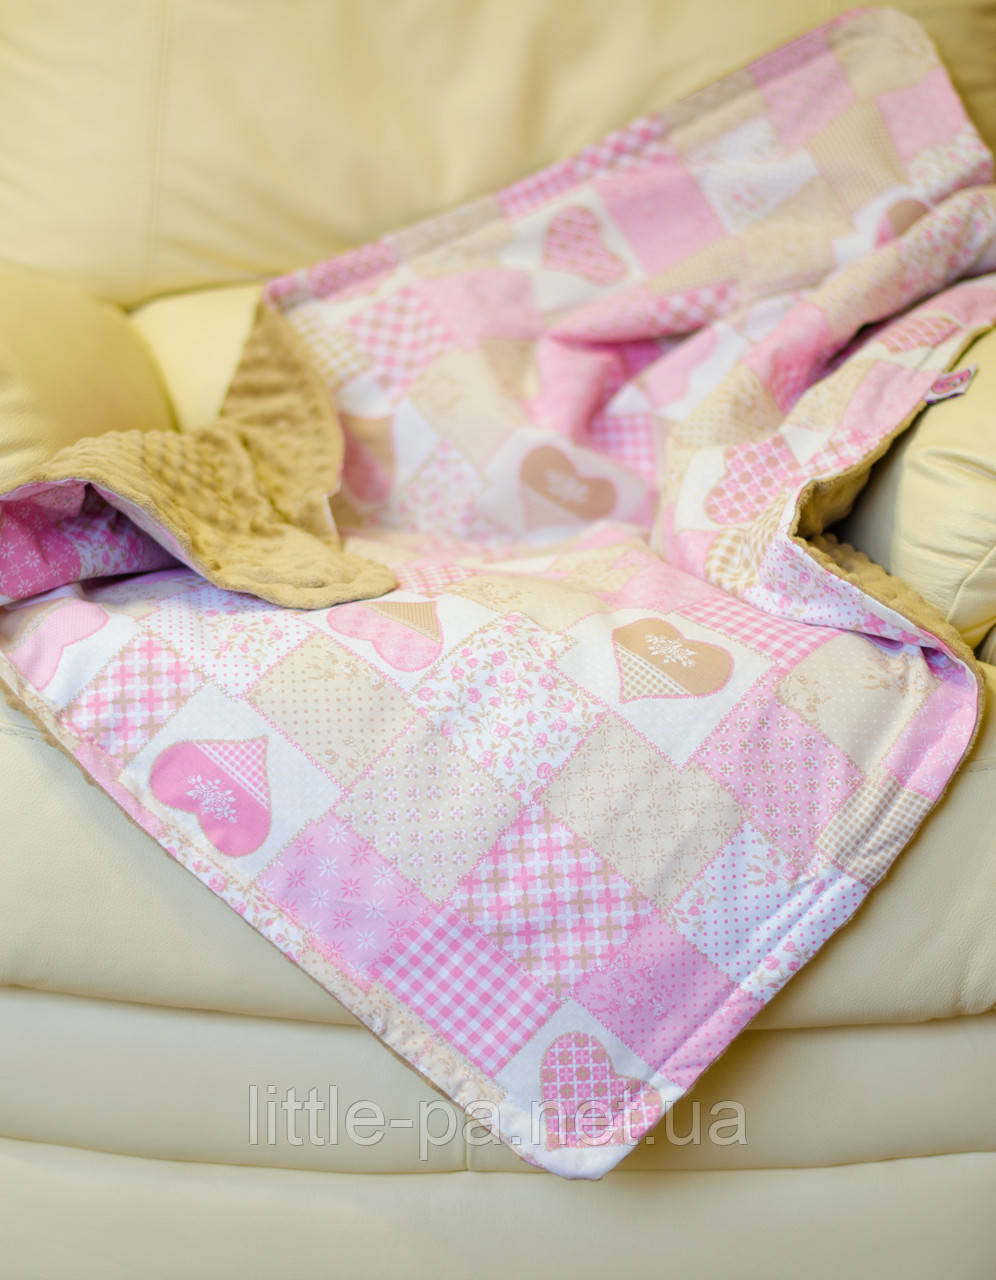 """Плед теплый  с плюшем хлопковый для ребенка """"Пэчворк розовый"""""""